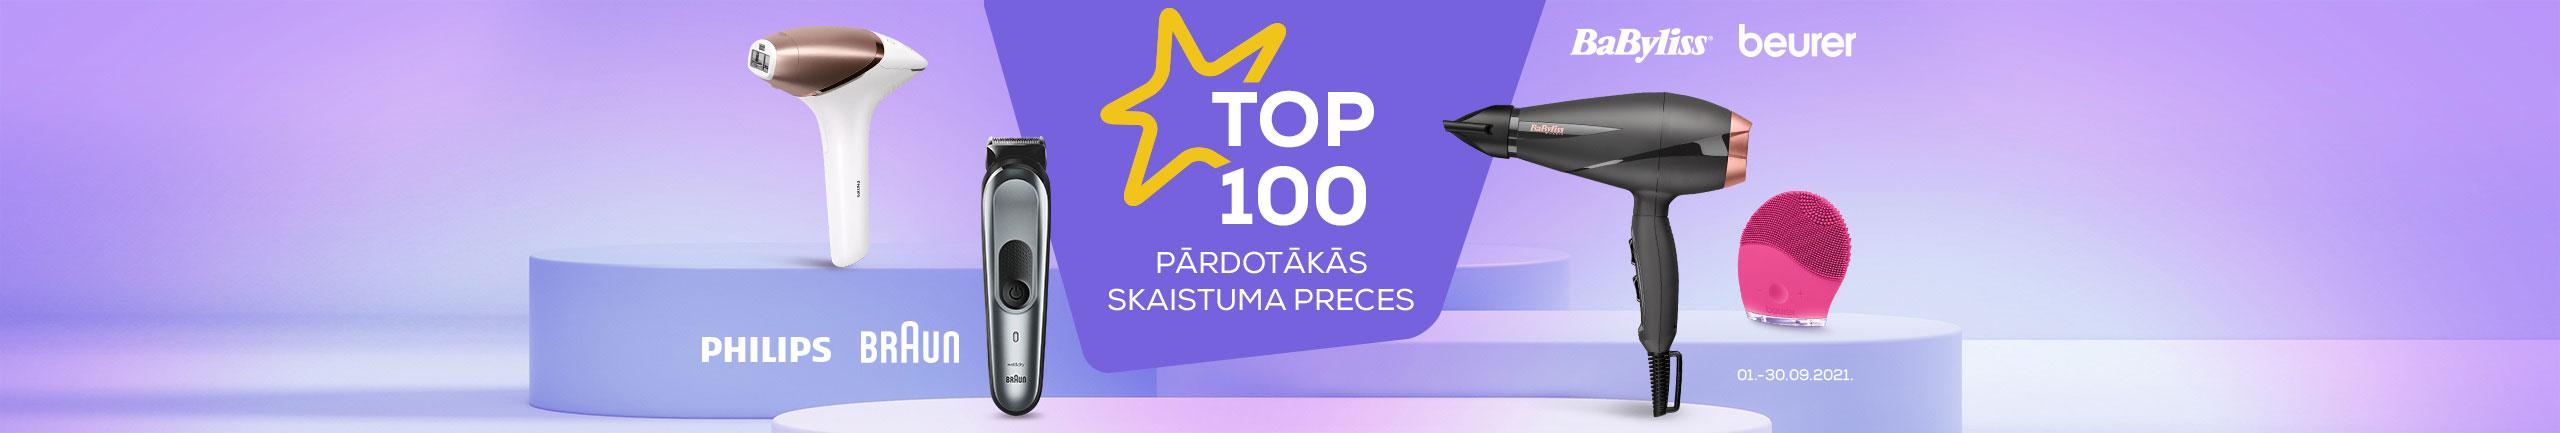 GR top100